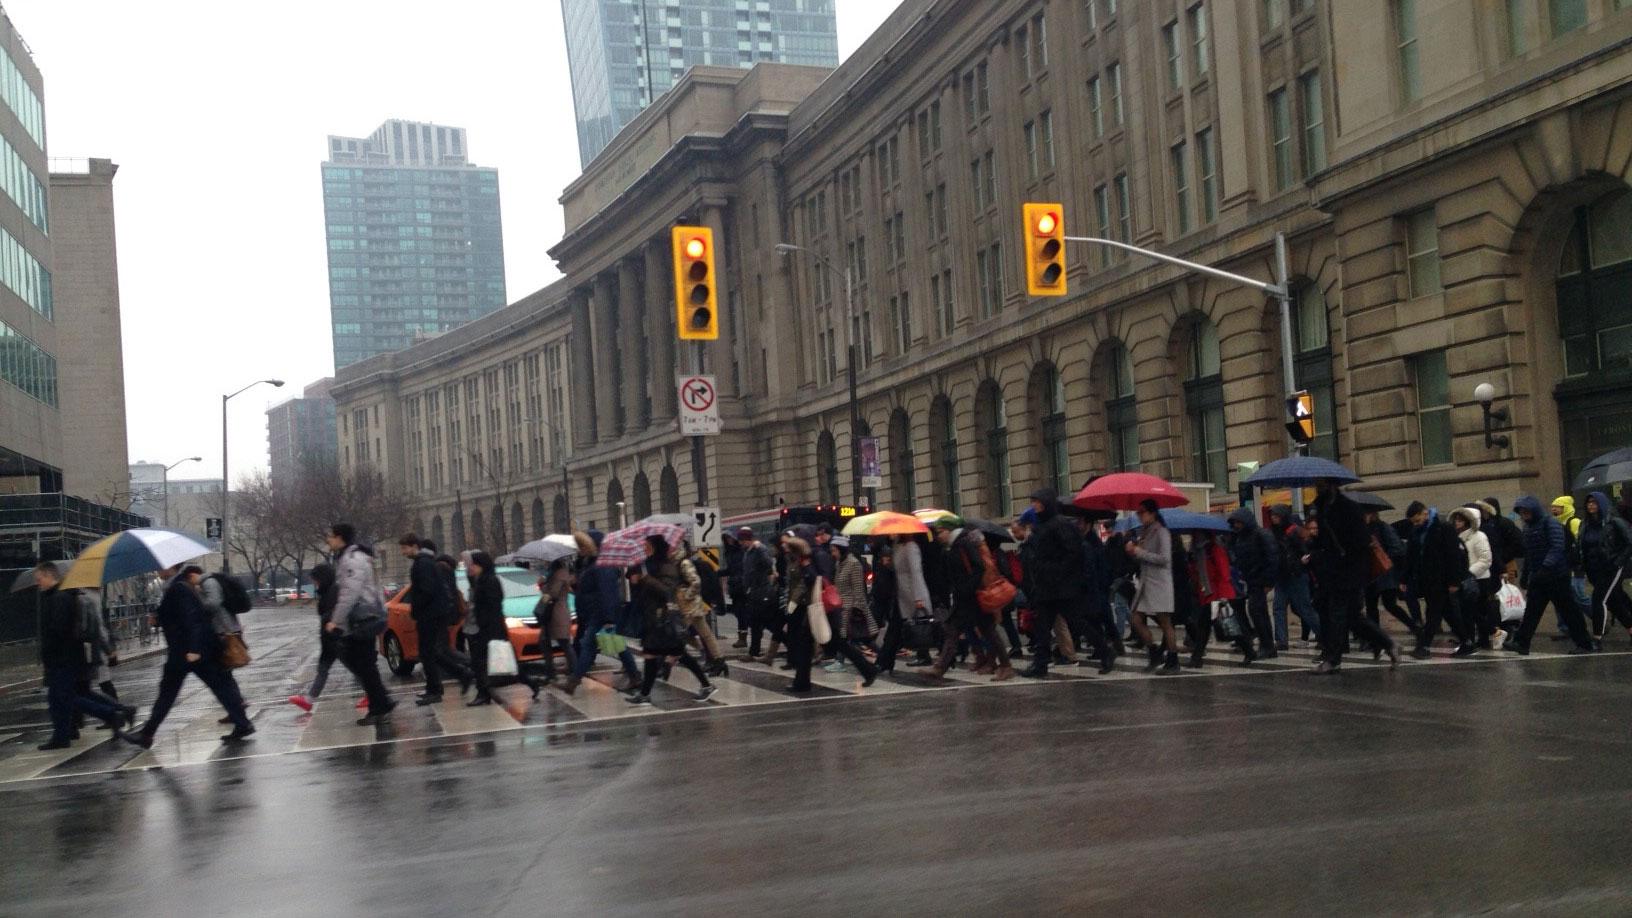 Weather Toronto: Gloomy Weather May Trump Weekend Fun In Toronto